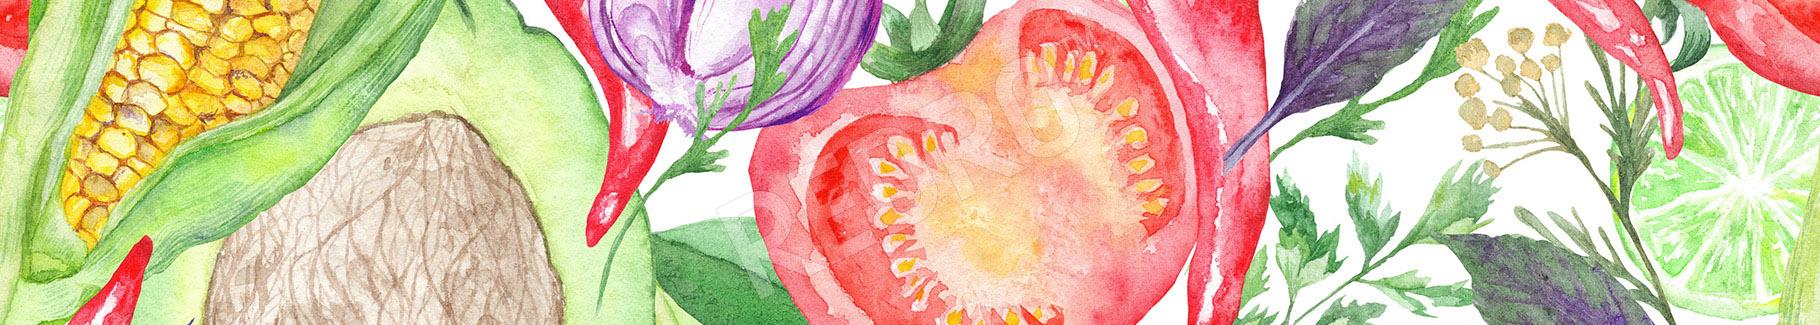 Obraz z warzywami do kuchni